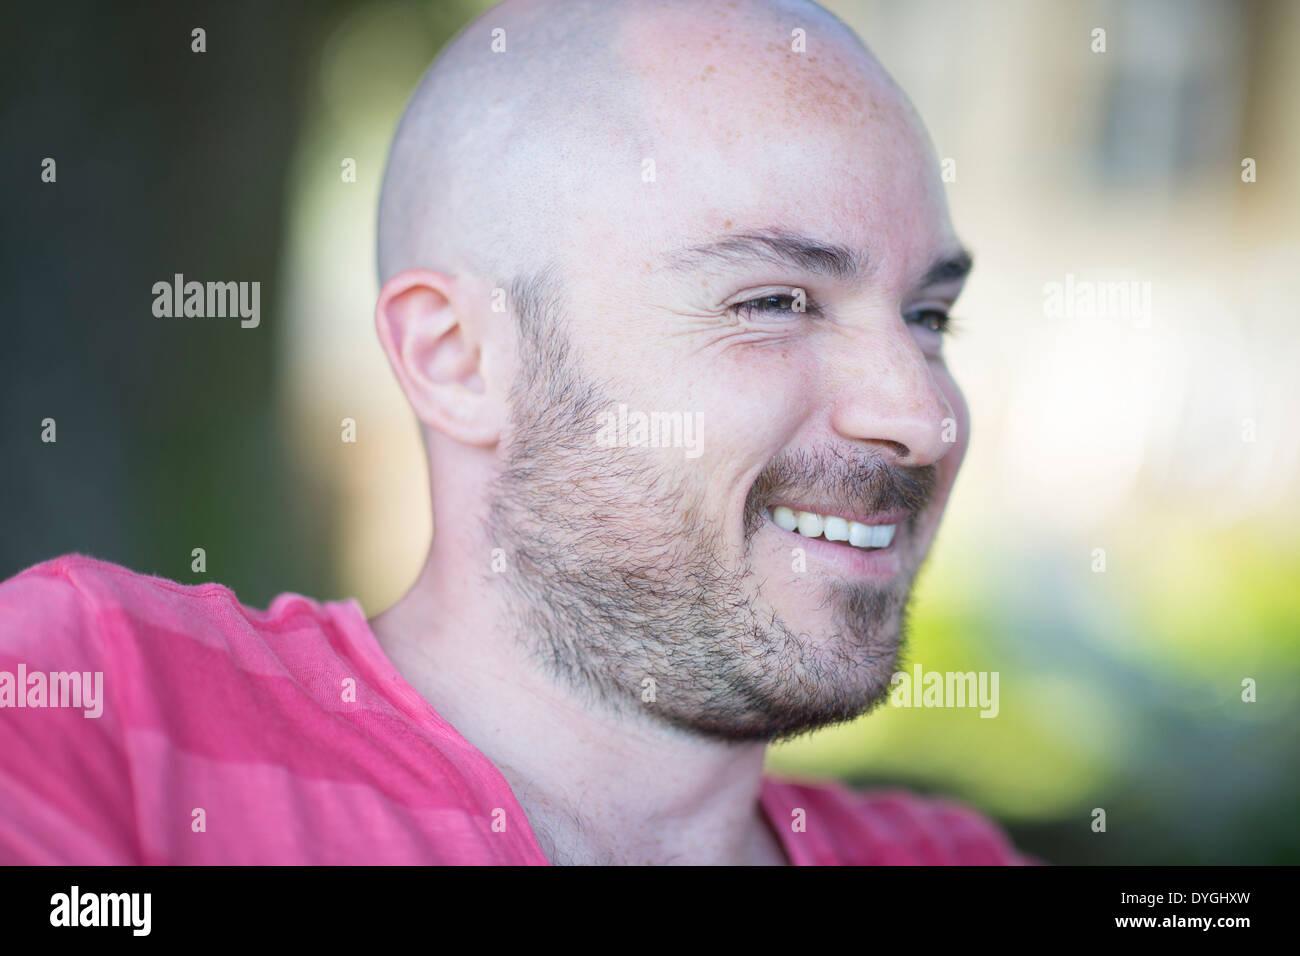 Lachender Mann mit 3-Tage-Bart - laughing man - Stock Image